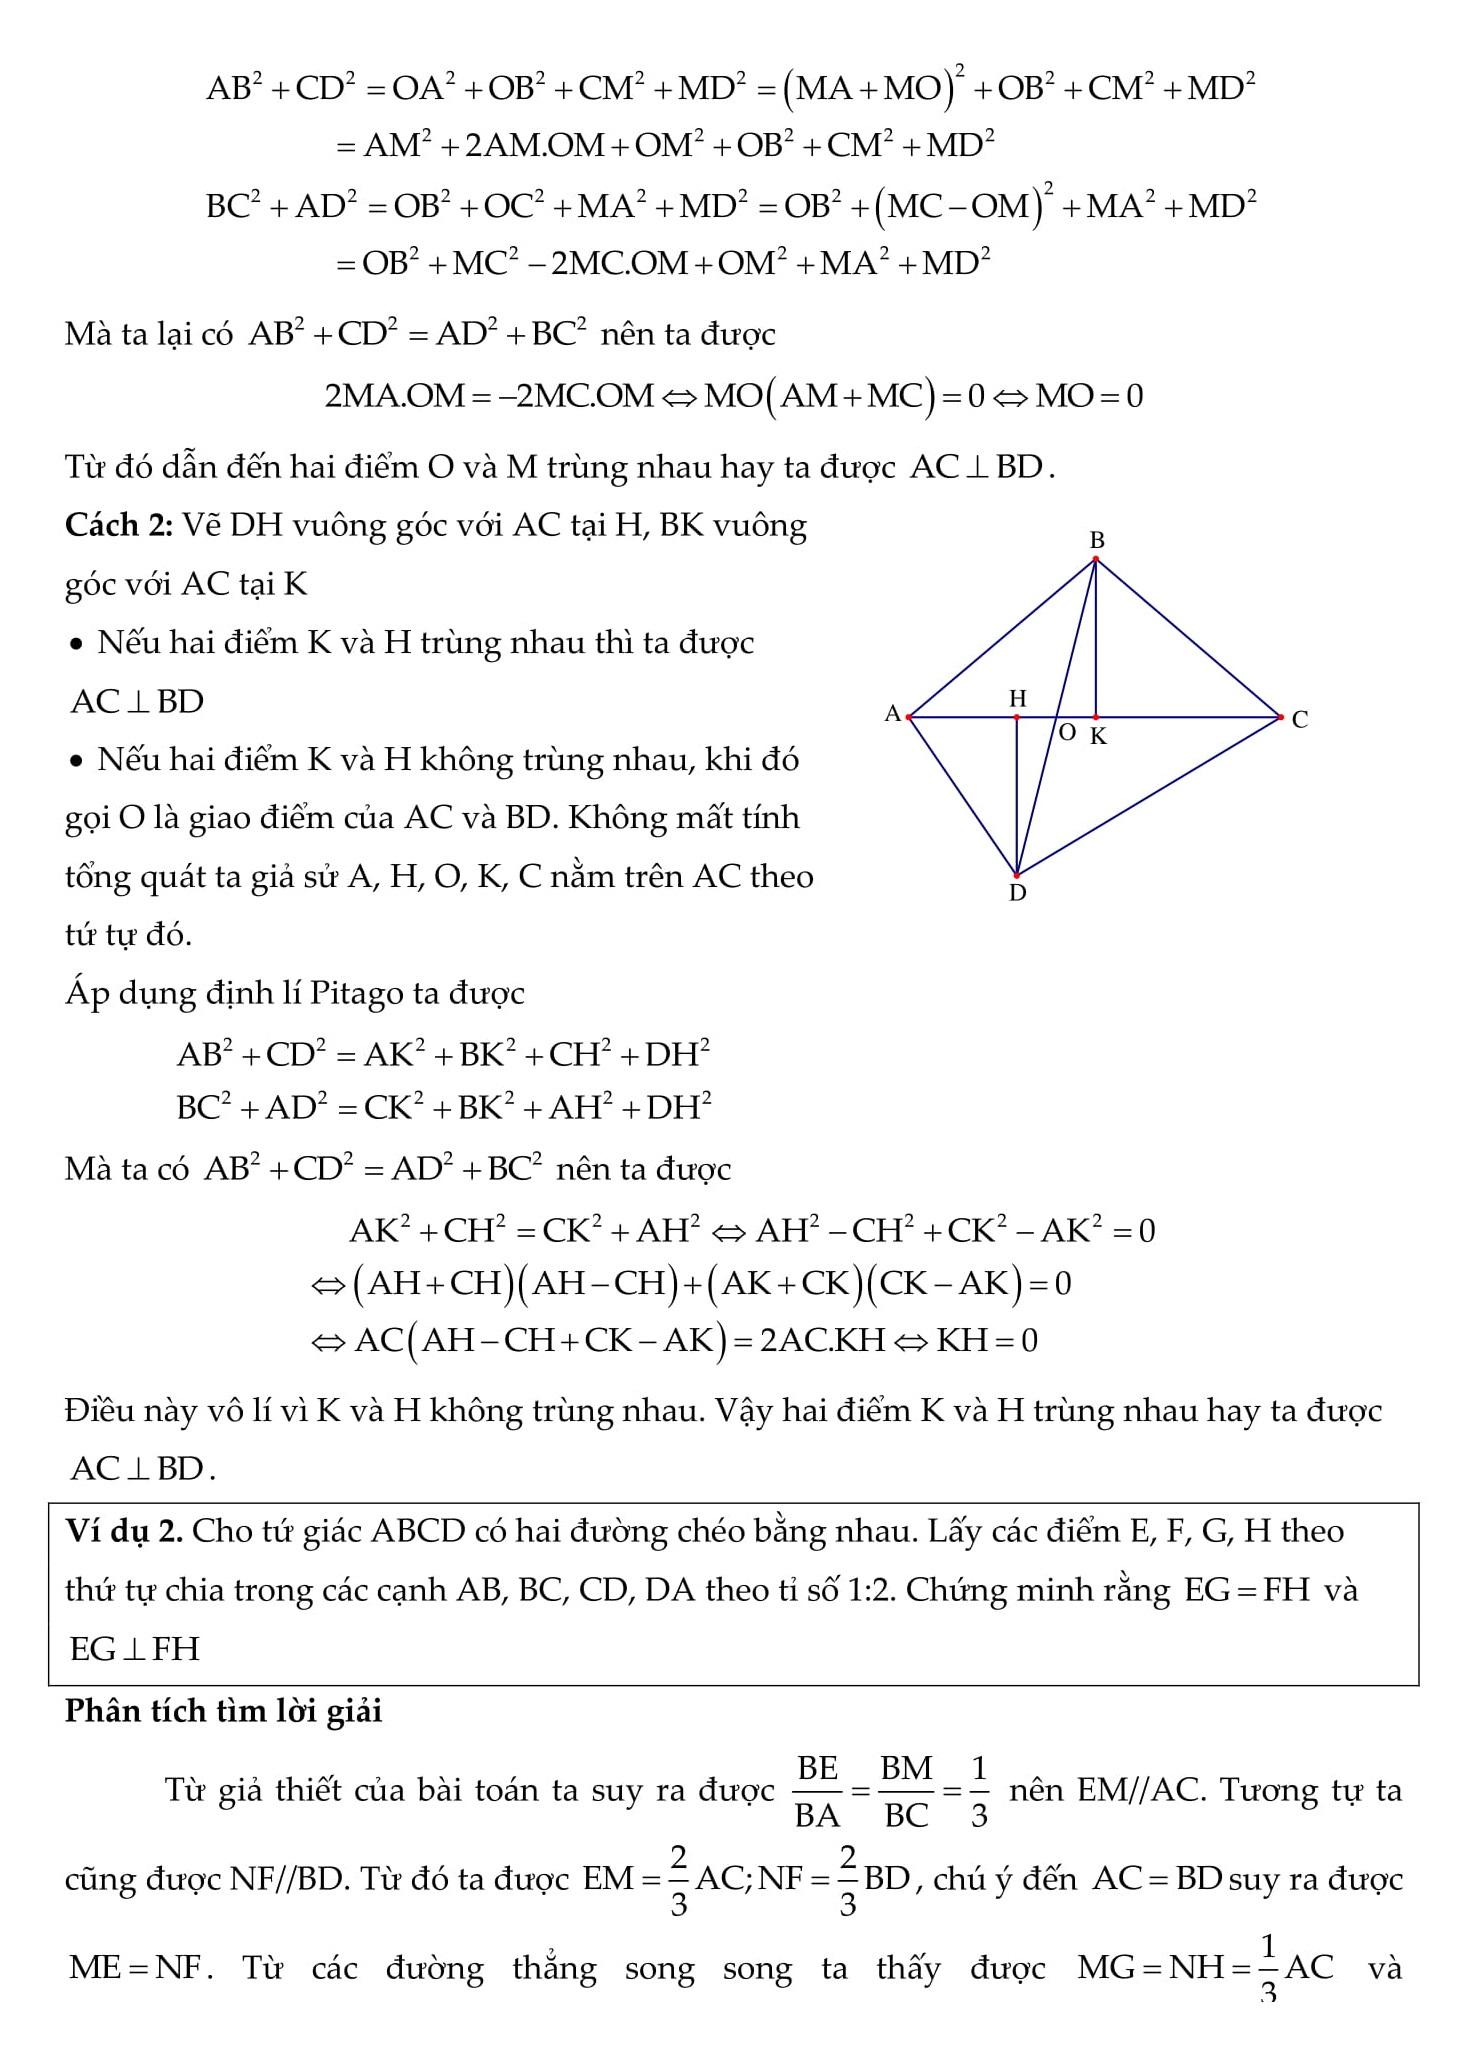 Tổng hợp các bài tập về tứ giác và đa giác - Toán hình 8